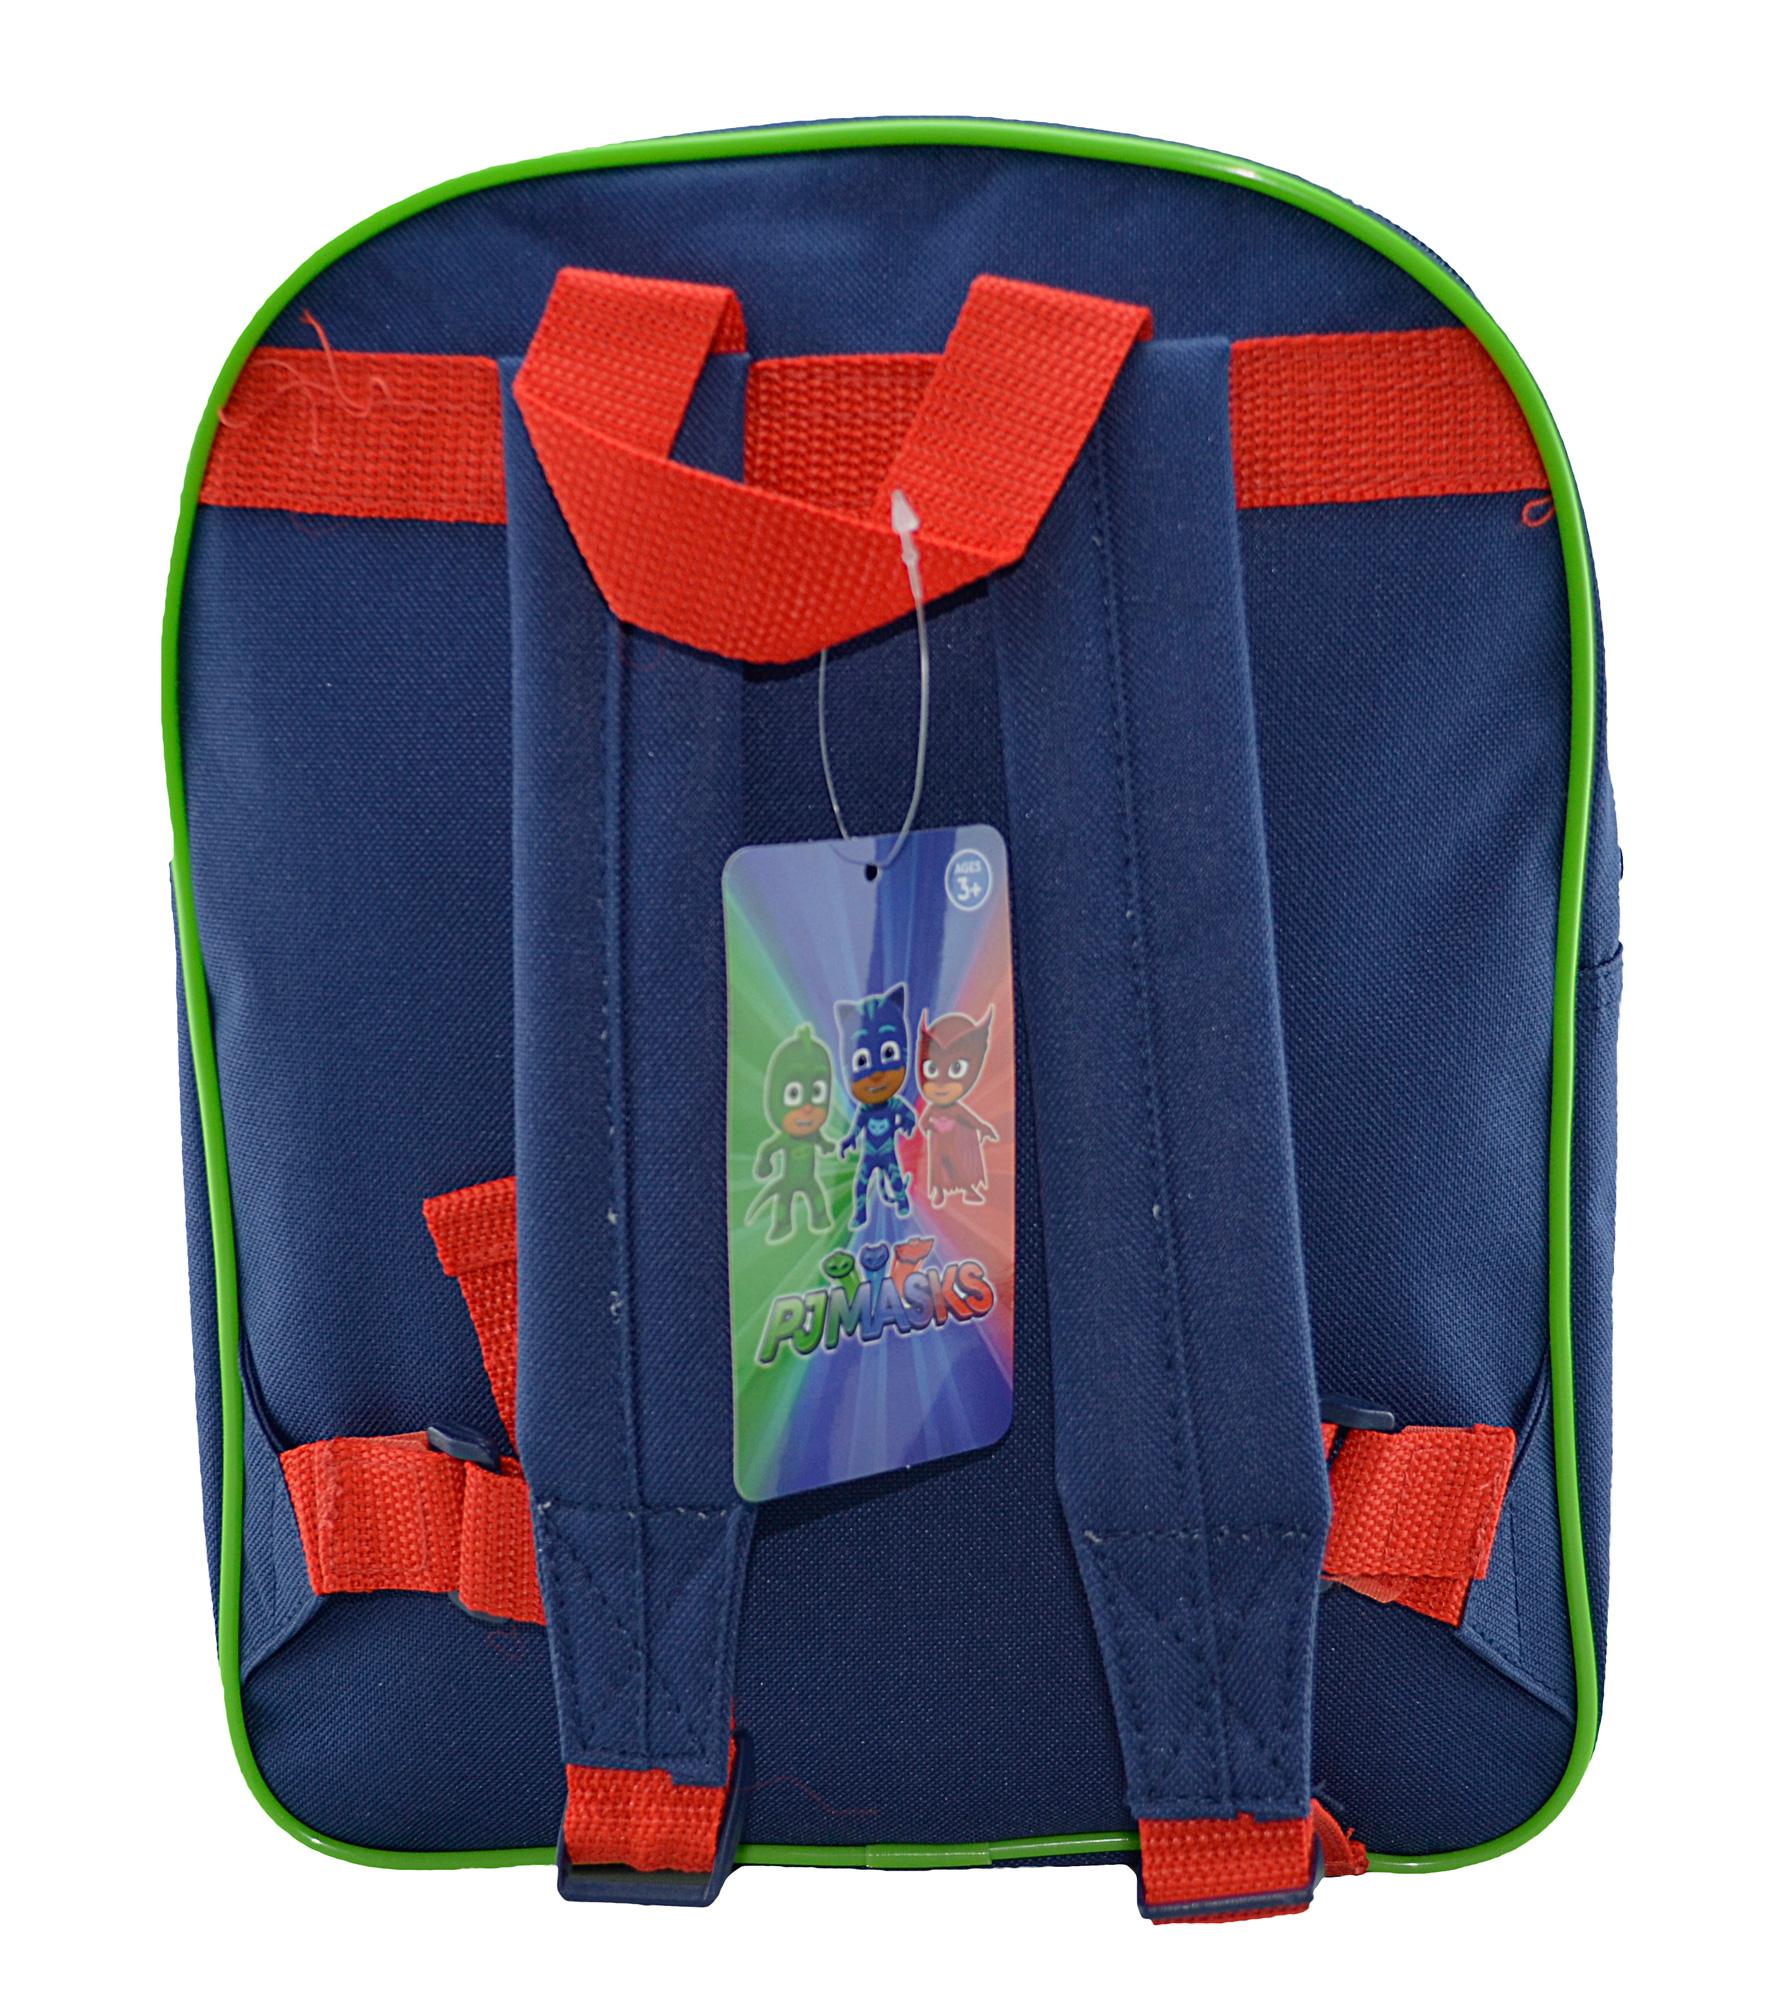 Pj Masks Swoop Swish Whoosh School Bag Rucksack Backpack